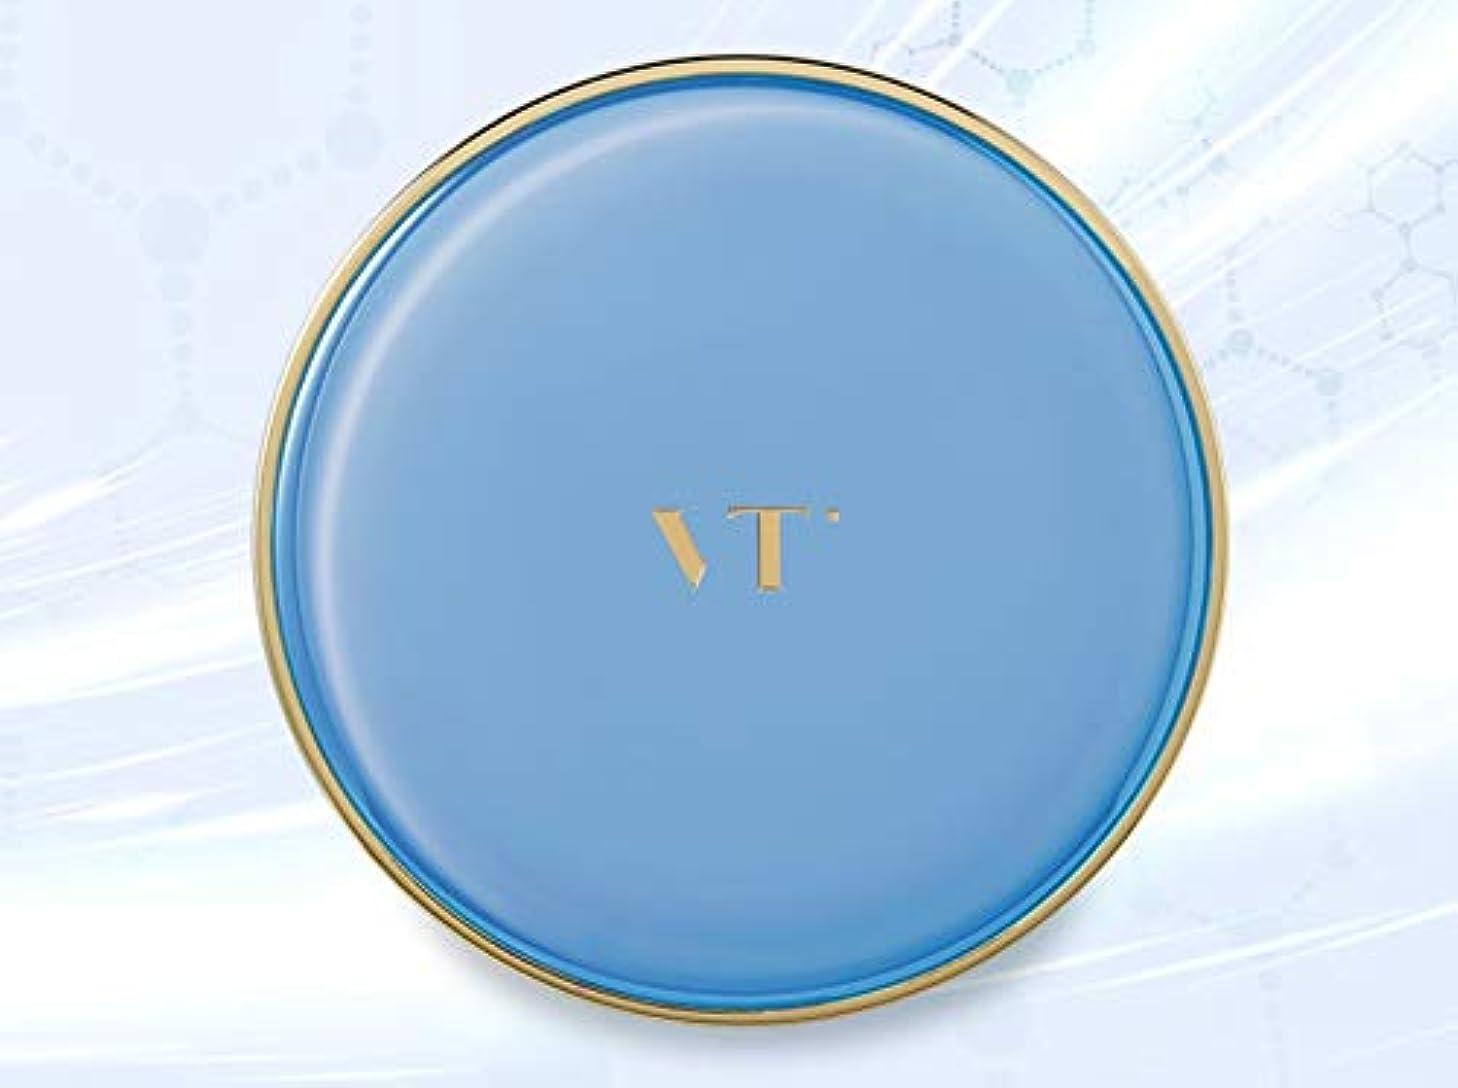 追跡作曲する不安VT ブルービタコラーゲンファクト SPF50+ PA+++ 11g / VT BLUE VITA COLLAGEN PACT 0.38 OZ [並行輸入品]